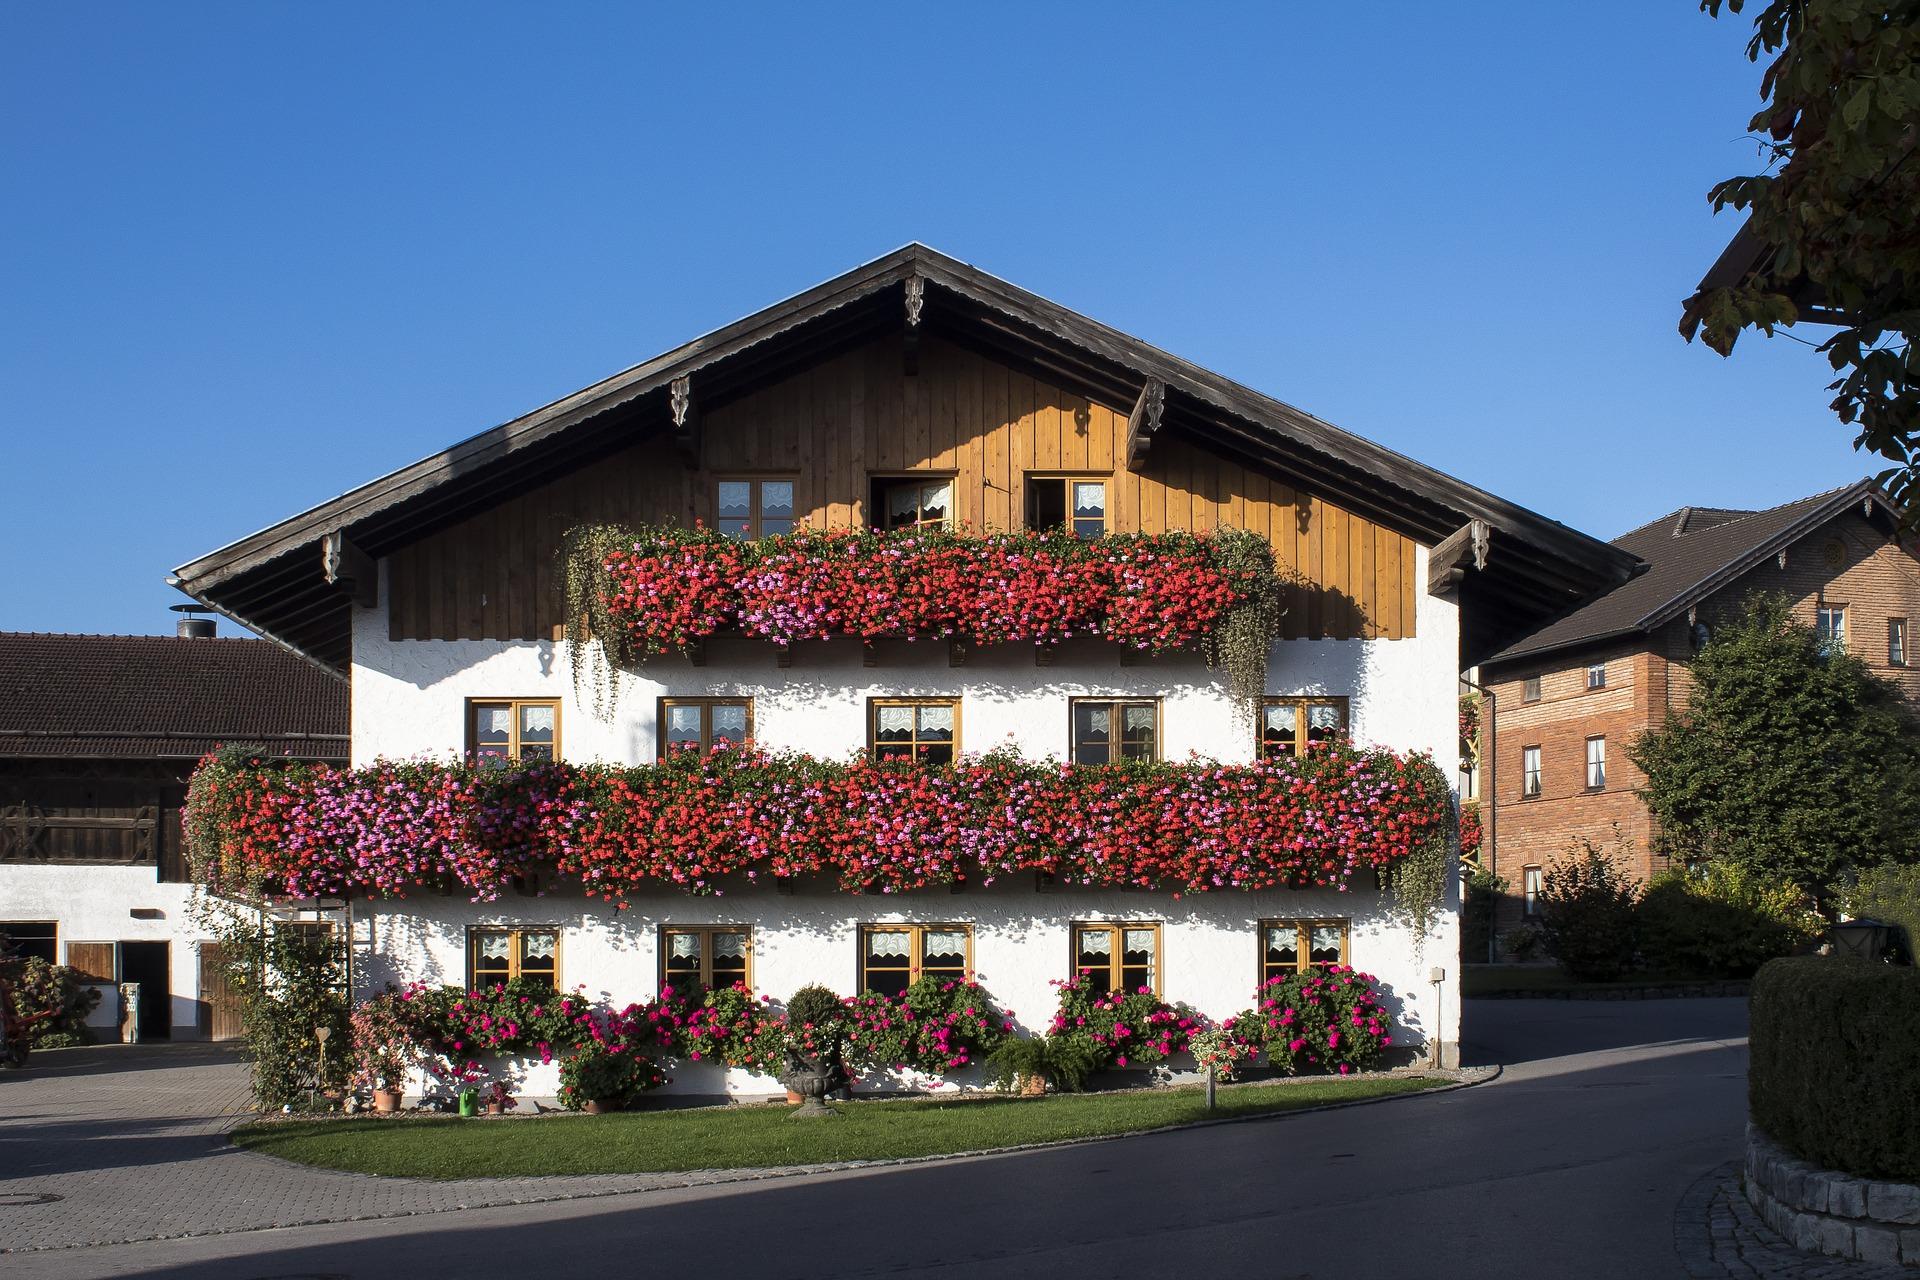 Traditionelles Bauernhaus / Pixabay